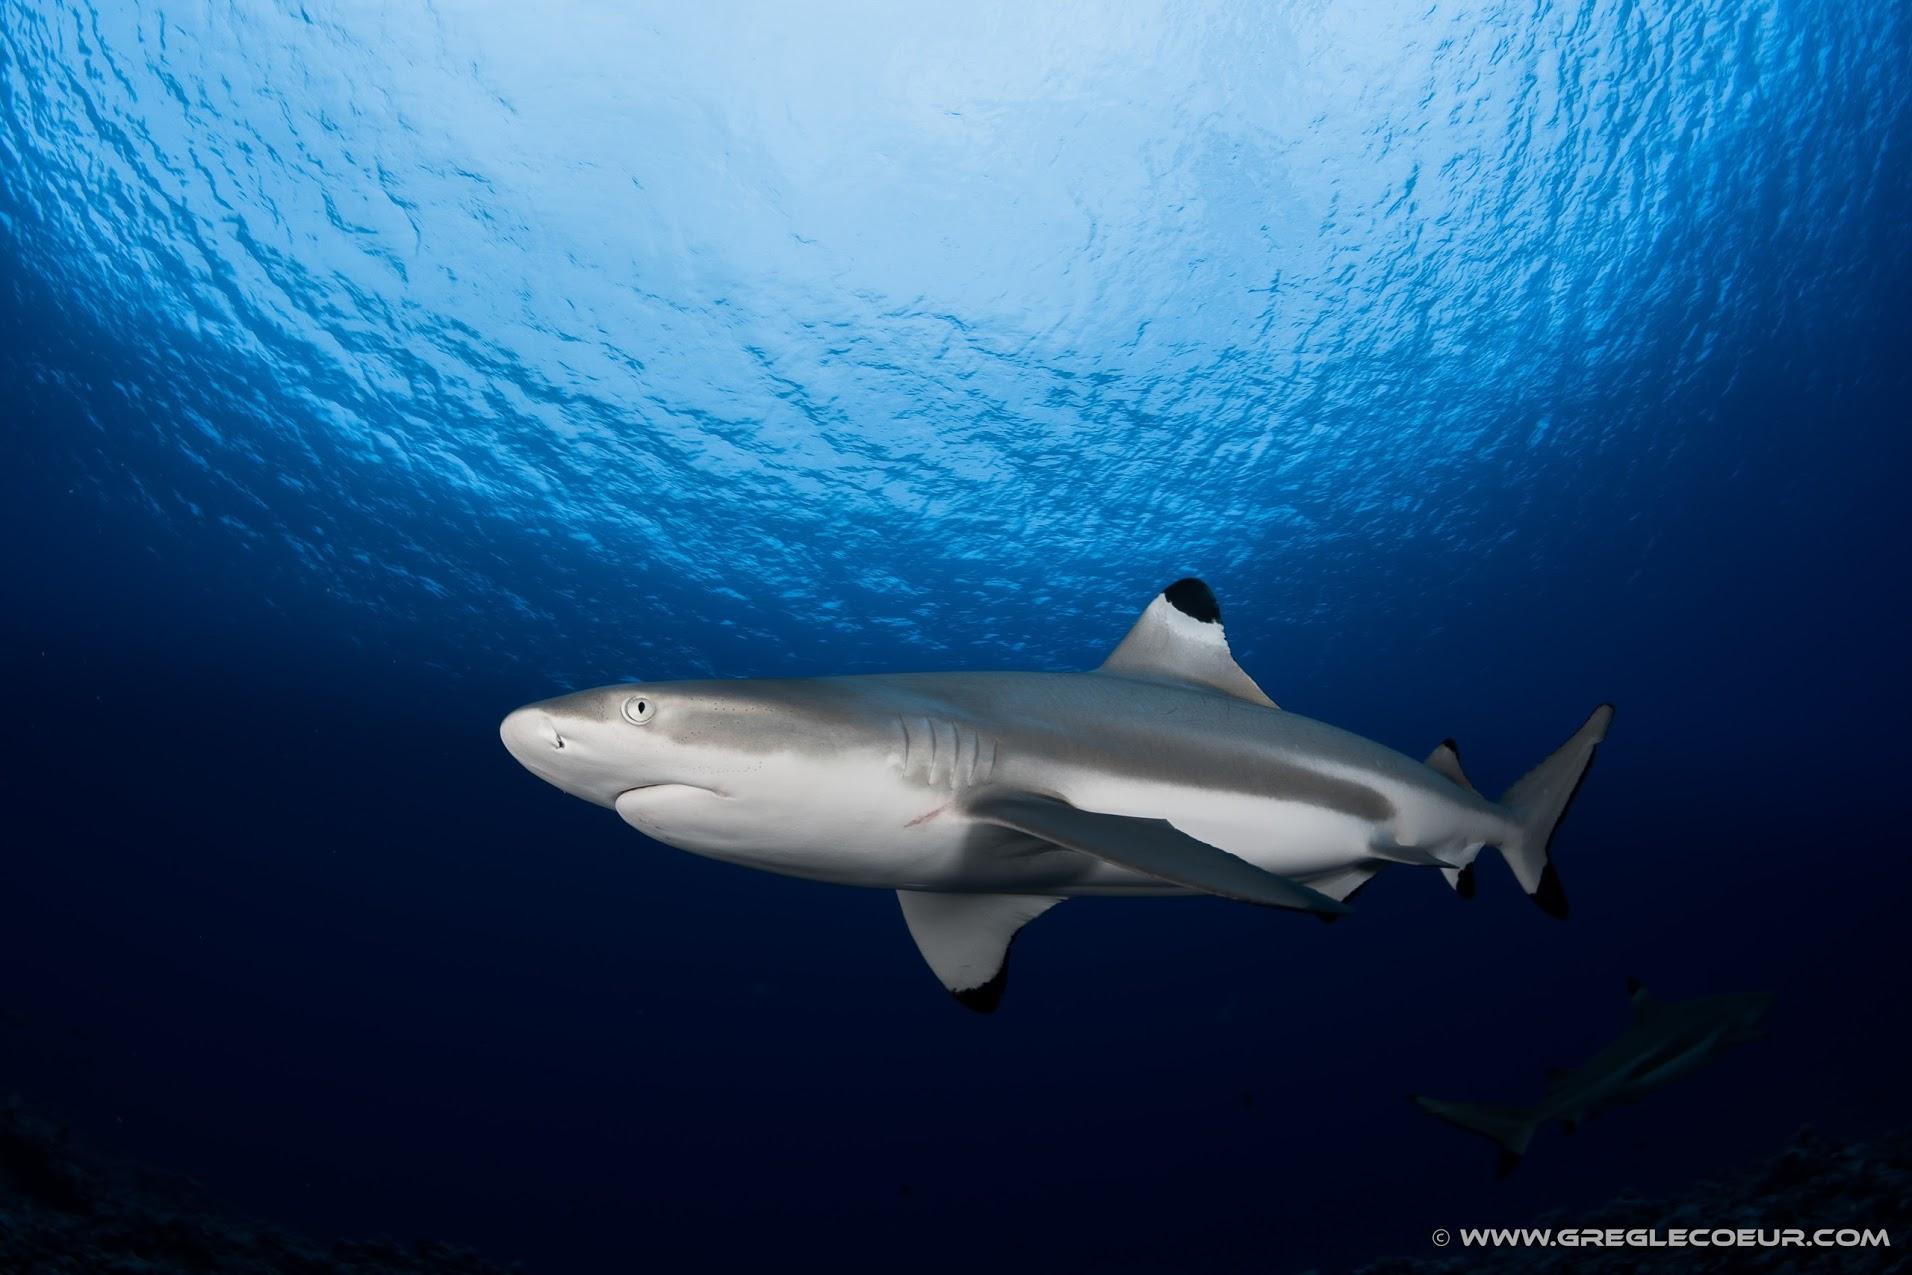 Requin pointe noire, Polynésie française © greglecoeur